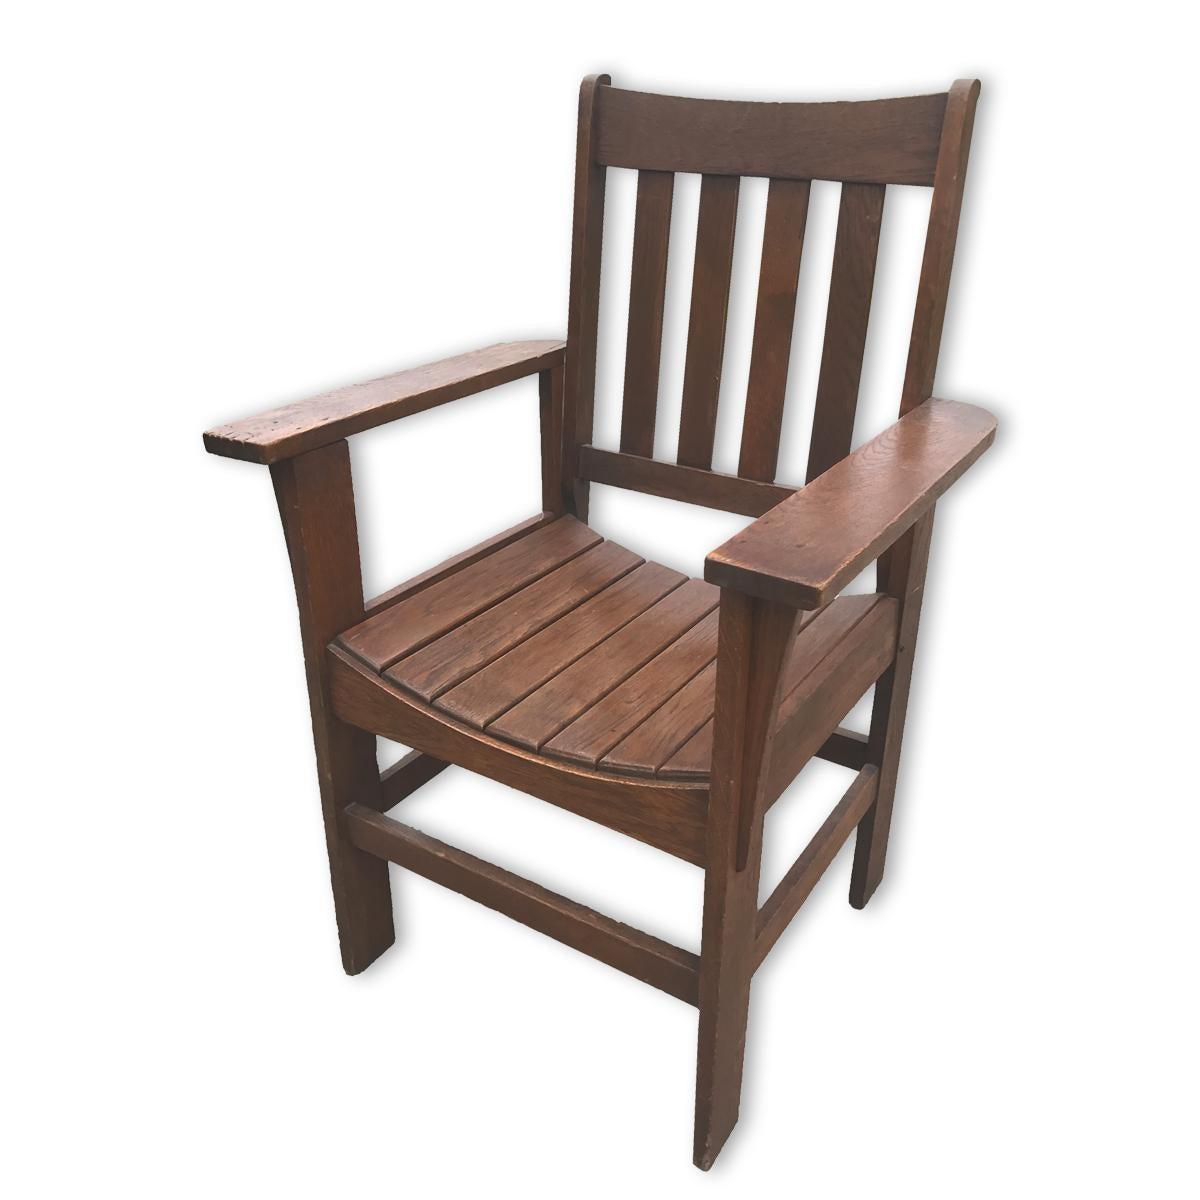 Antique Stickley Roycroft Era Arts U0026 Crafts Mission Oak Accent Parlor Chair    Image 2 Of